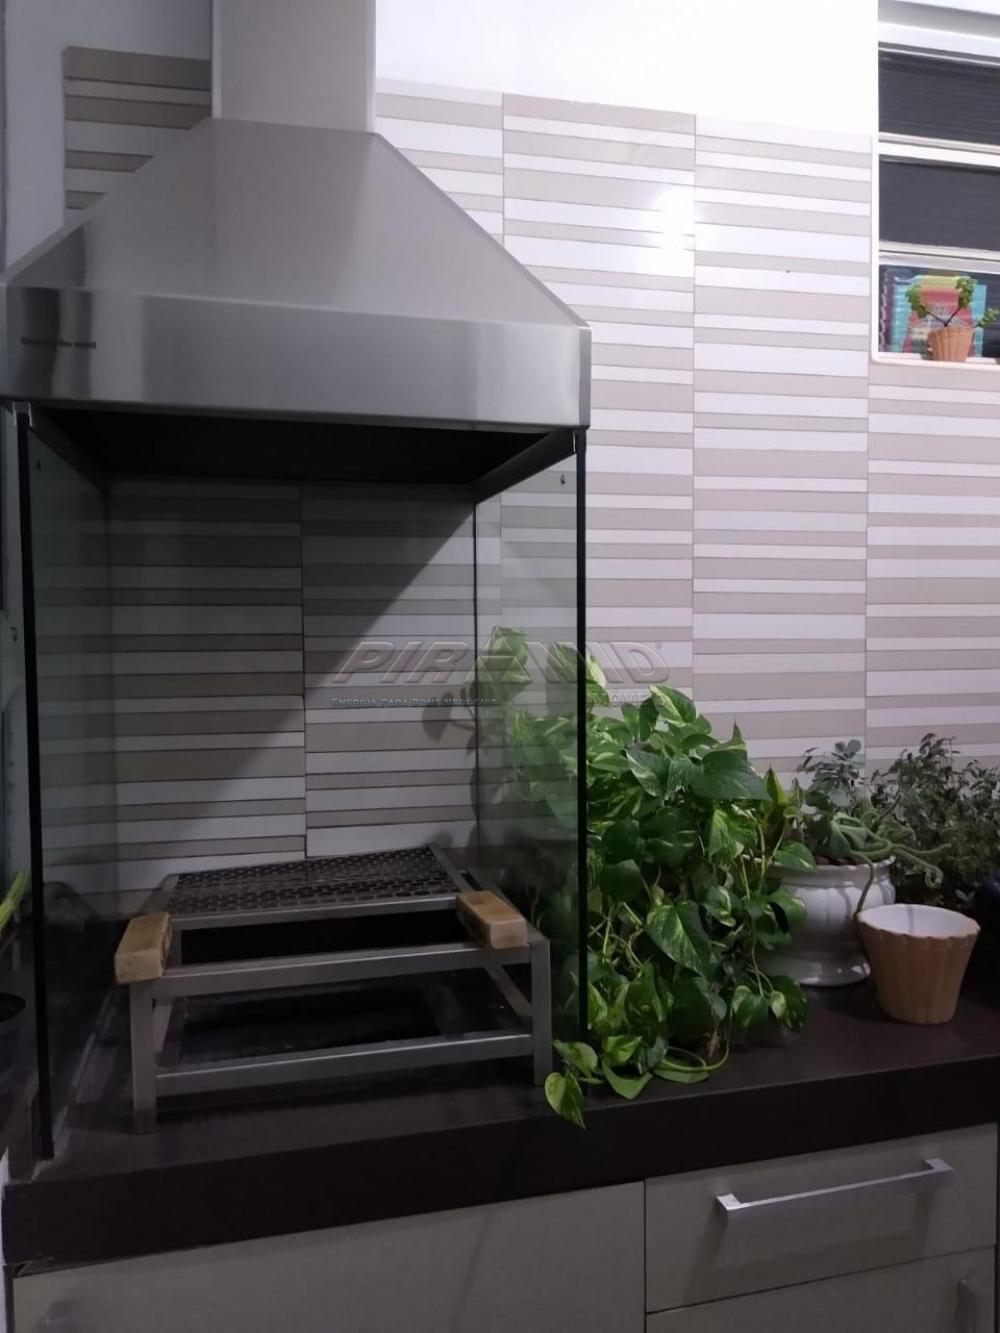 Comprar Apartamento / Padrão em Ribeirão Preto R$ 397.000,00 - Foto 10